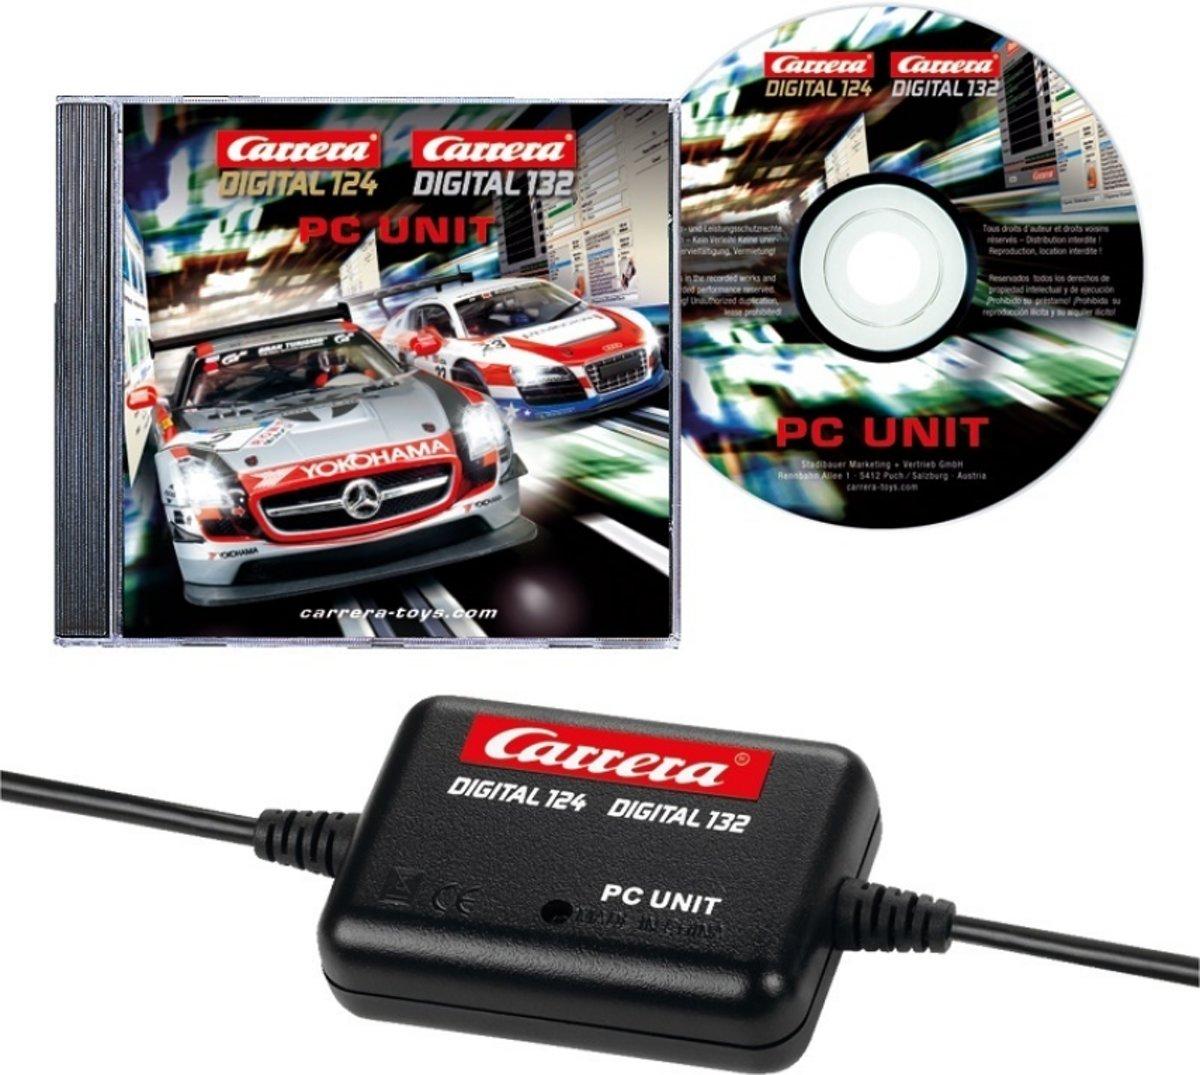 Carrera Digitaal PC-Unit